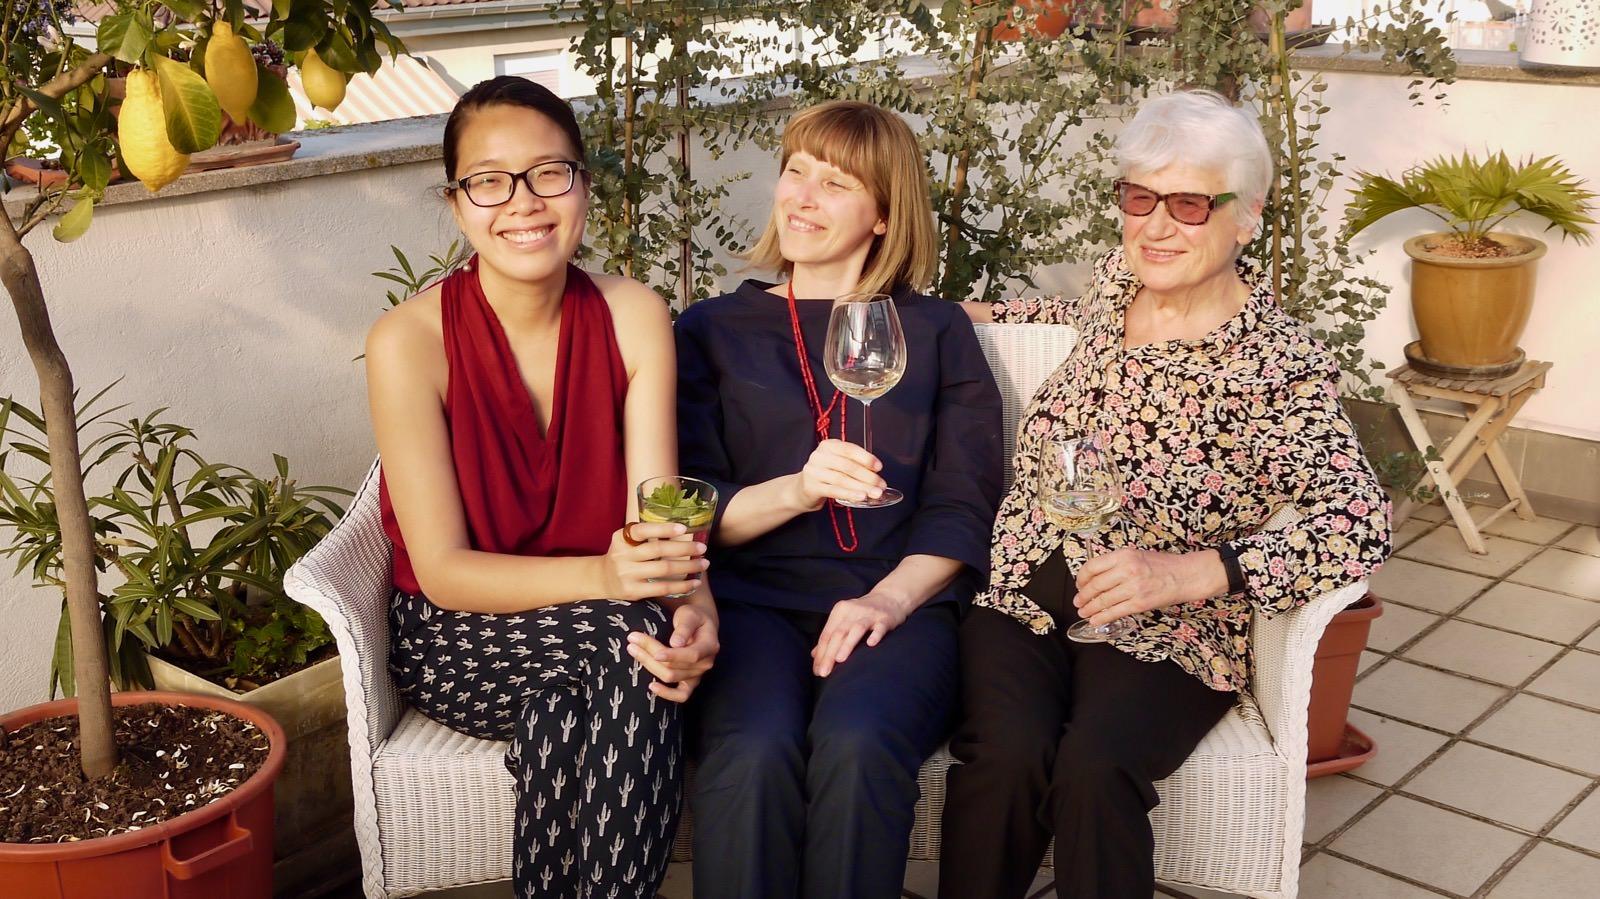 Die Kultur-Biennale KultTour wird von zwei Neckarstädter Frauen organisiert, die viel unterscheidet – aber noch mehr verbindet. Links Lys Y. Seng und rechts Gisela Kerntke. In der Mitte unsere Autorin Christin Fuchs | Foto: M. Schülke